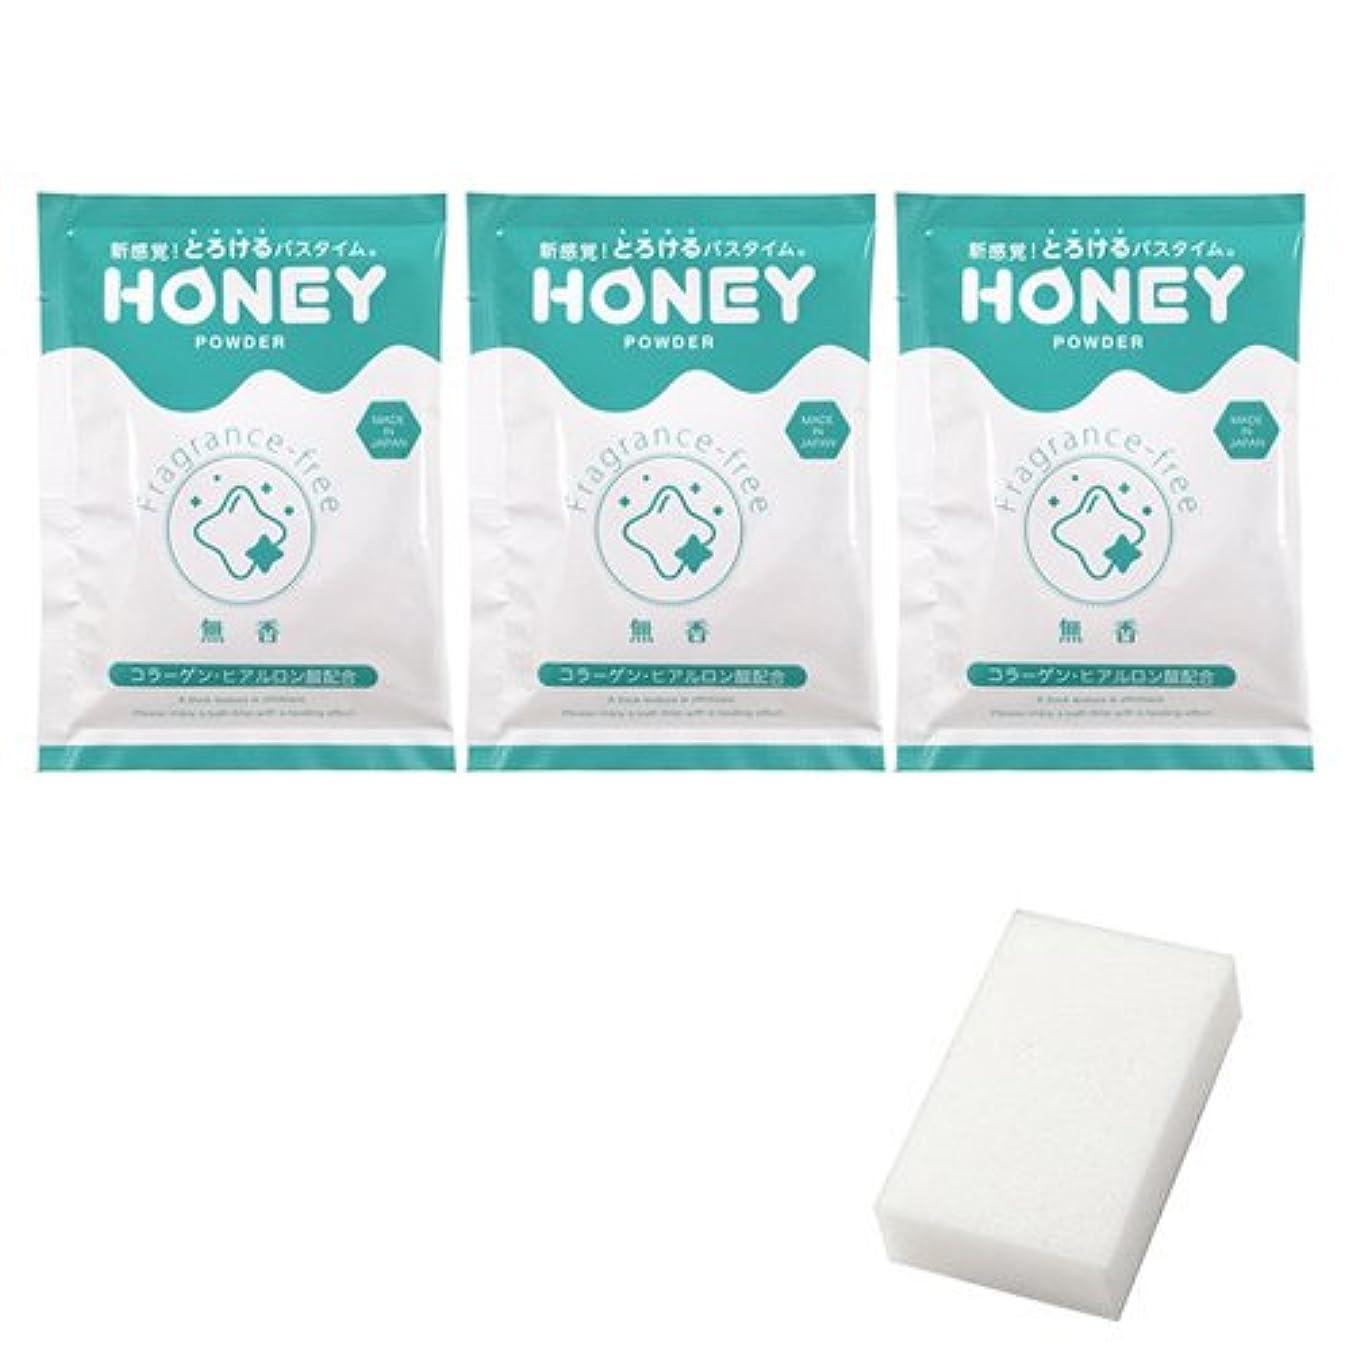 部族フリッパールームとろとろ入浴剤【honey powder】(ハニーパウダー) 無香タイプ 3個セット + 圧縮スポンジセット